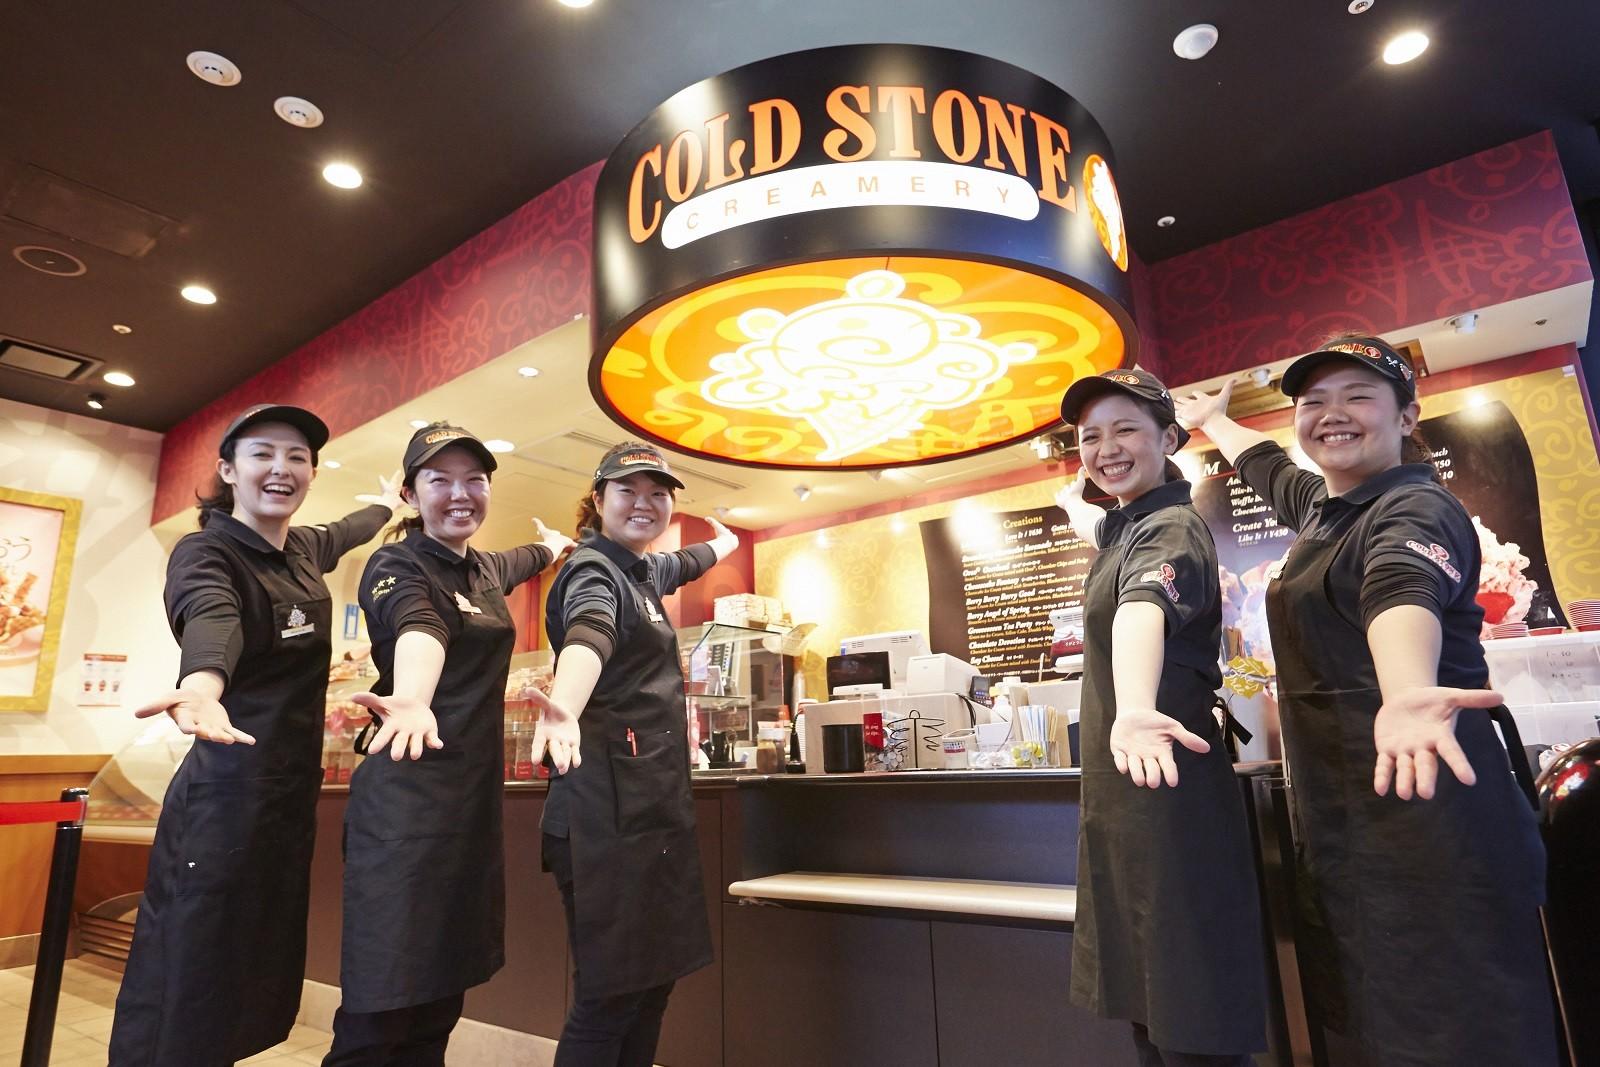 COLD STONE CREAMERY(コールドストーンクリーマリー) 佐野プレミアム・アウトレット店のアルバイト情報